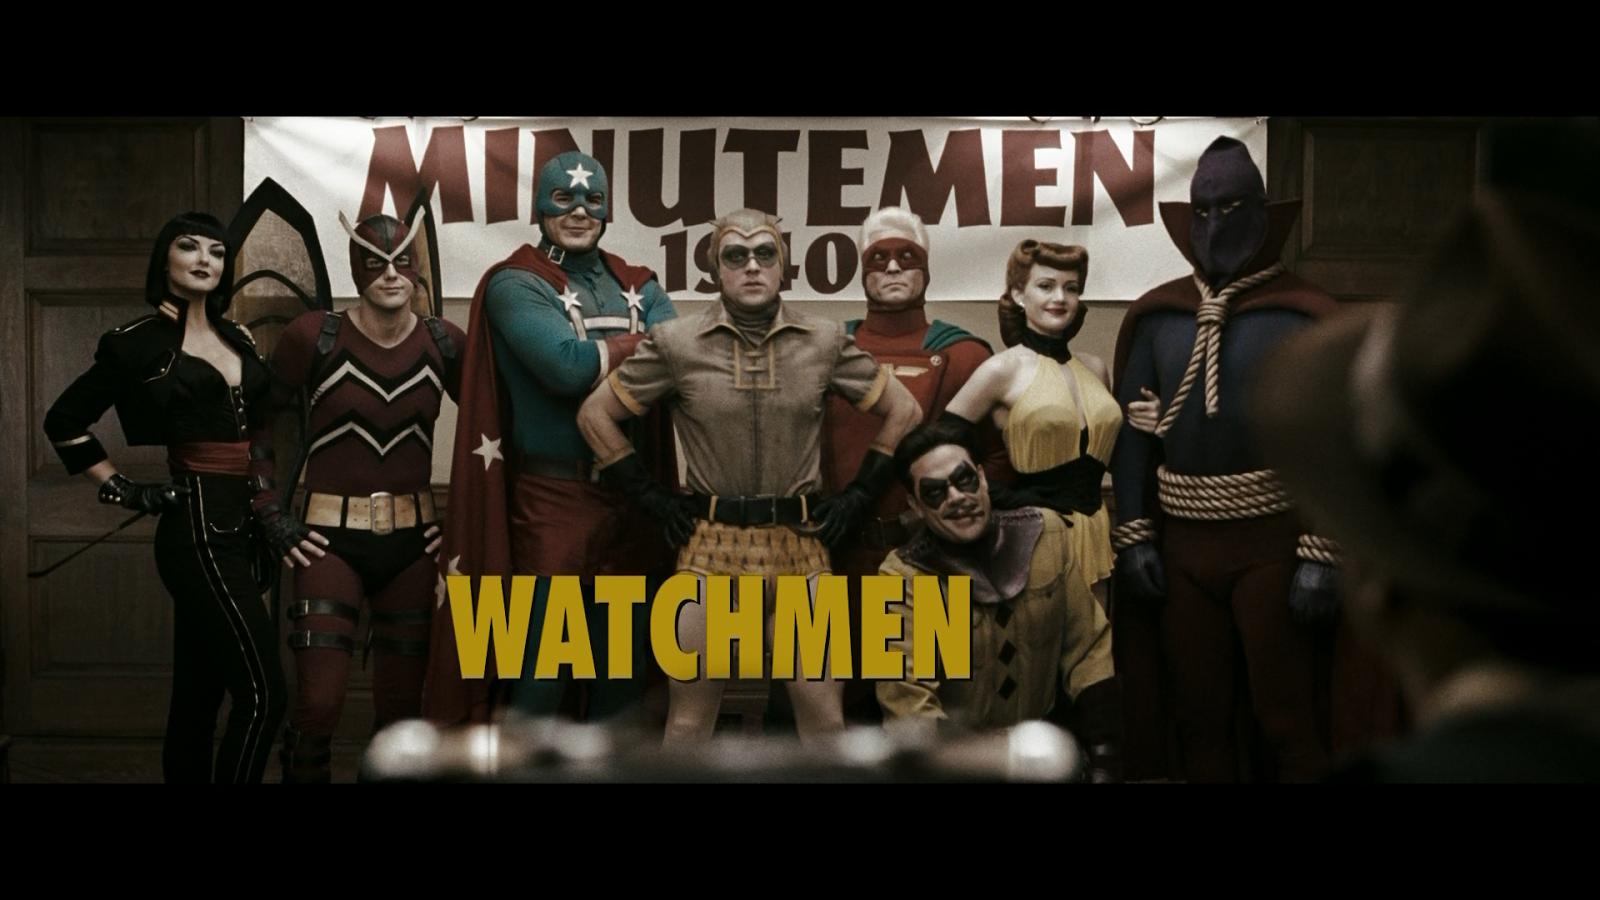 watchmen+3.png